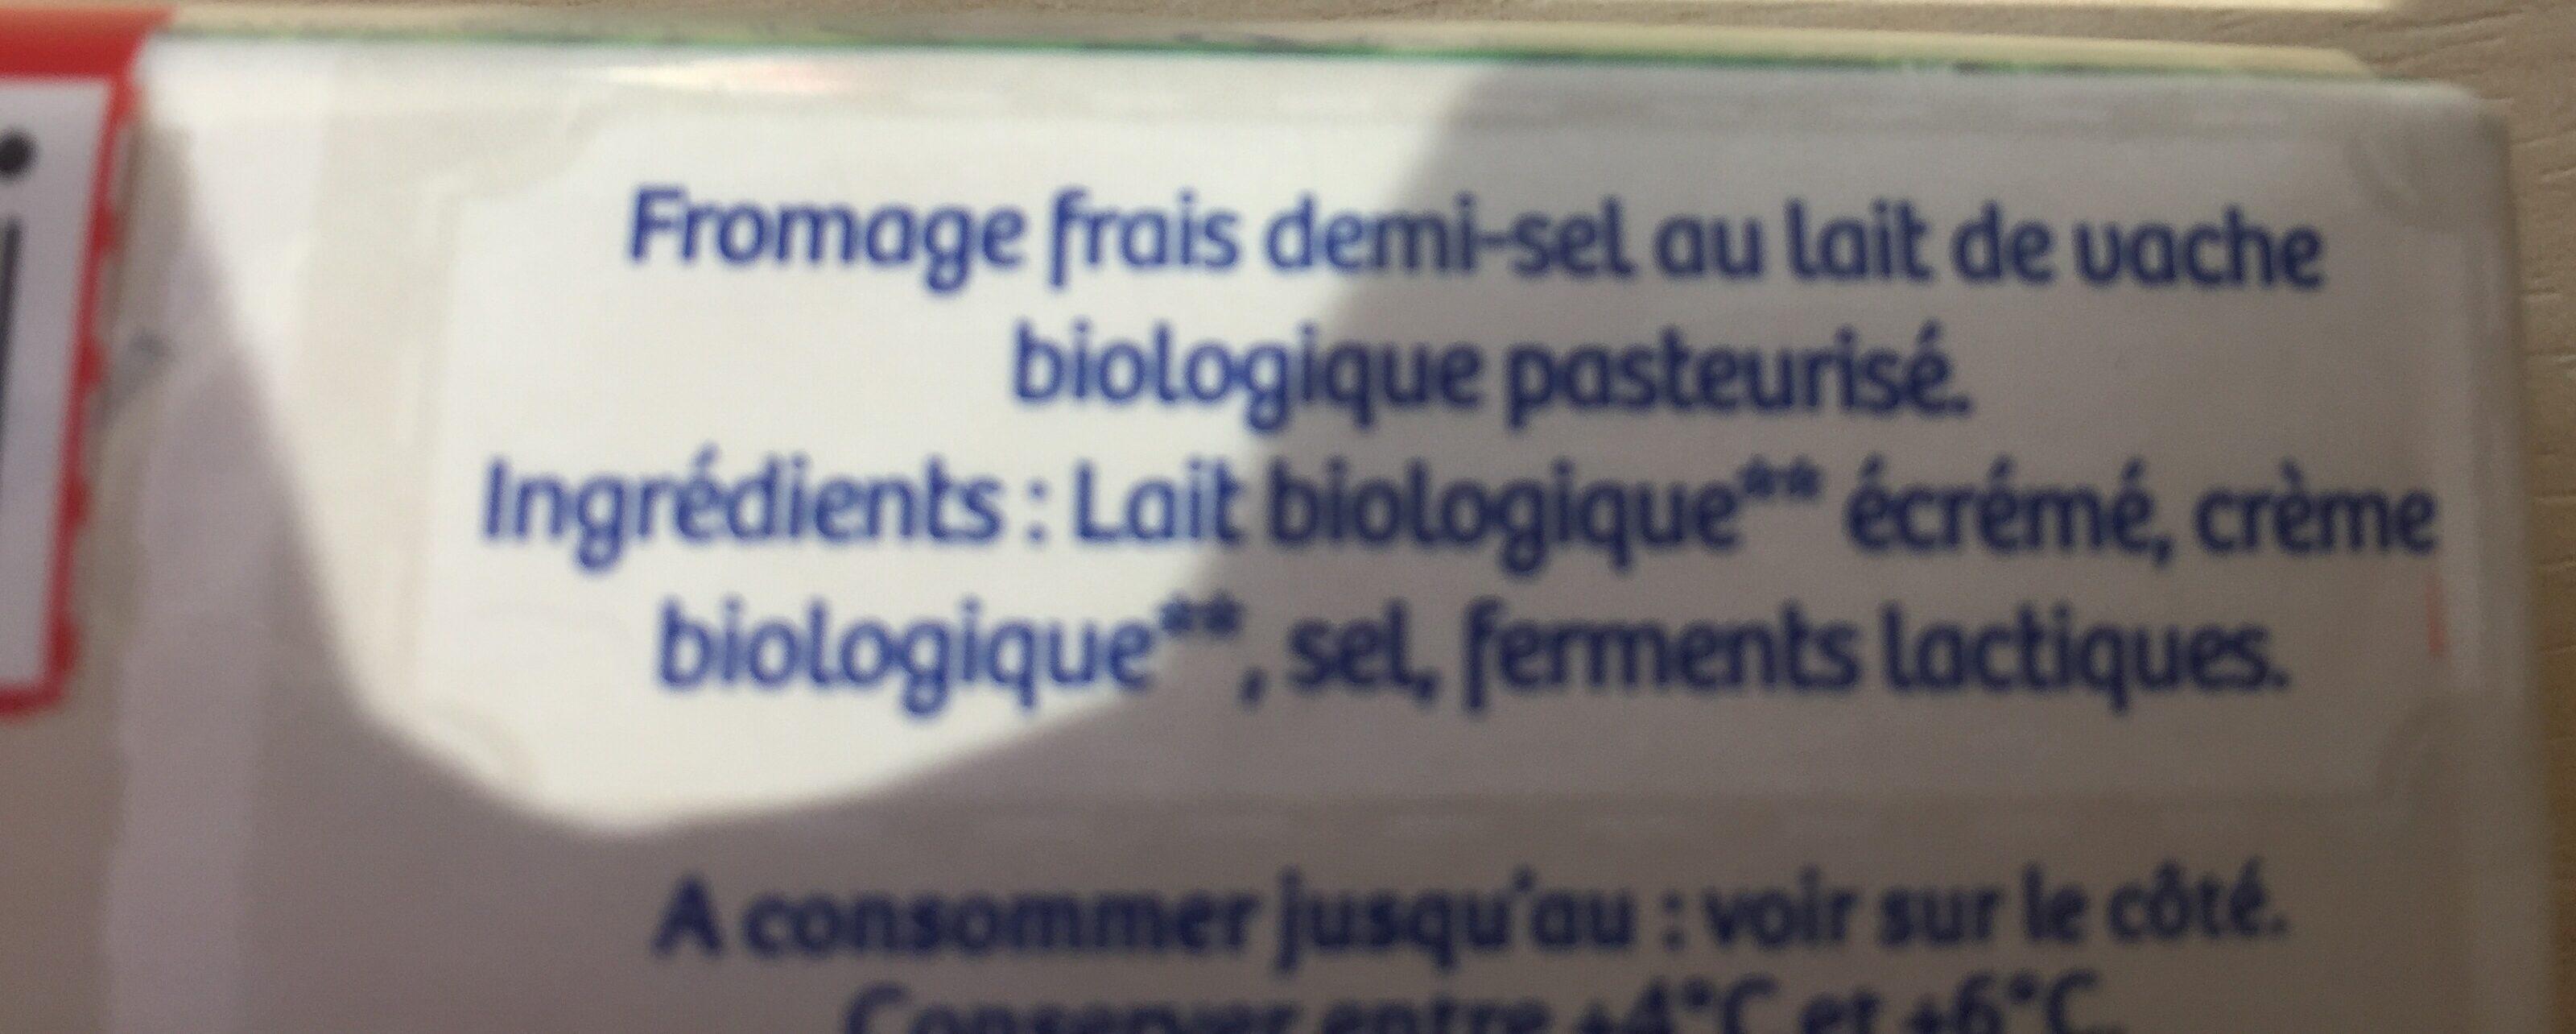 Carré frais - Ingrédients - fr